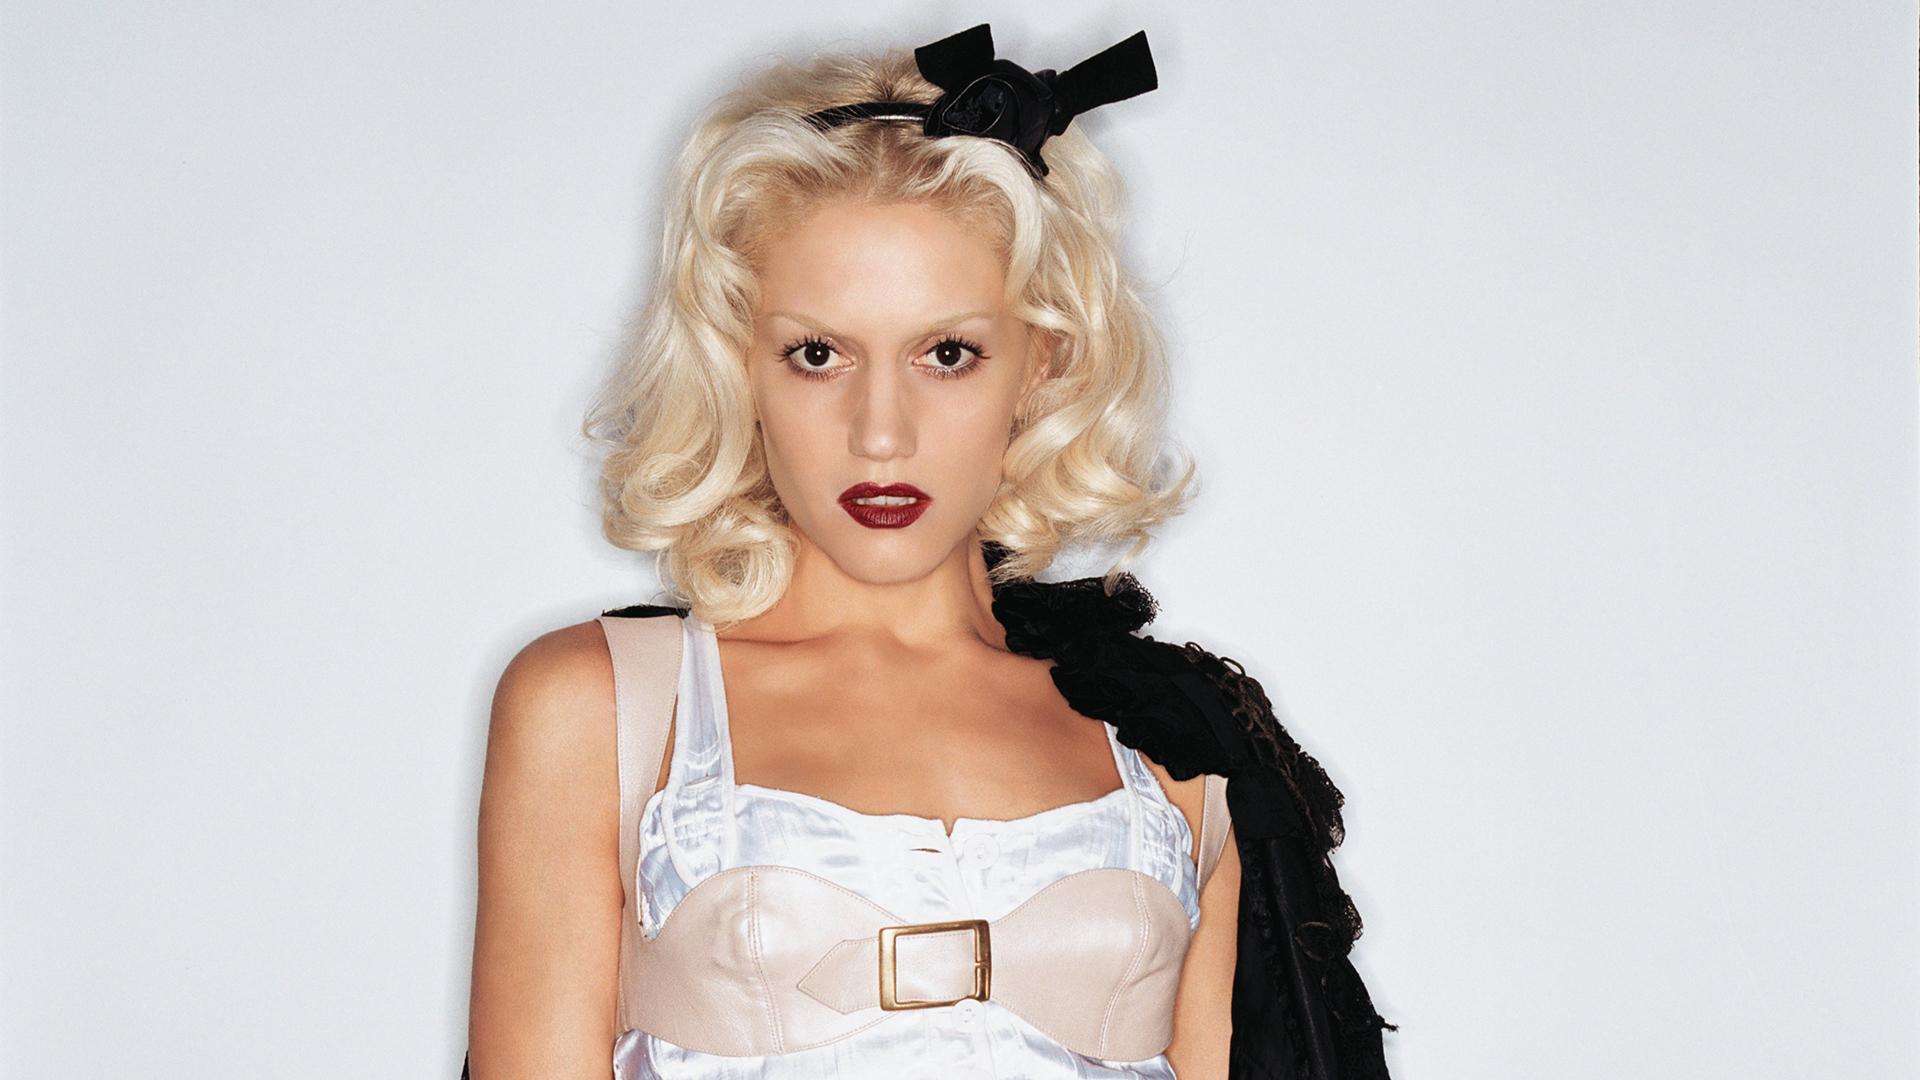 Gwen Stefani 1080p